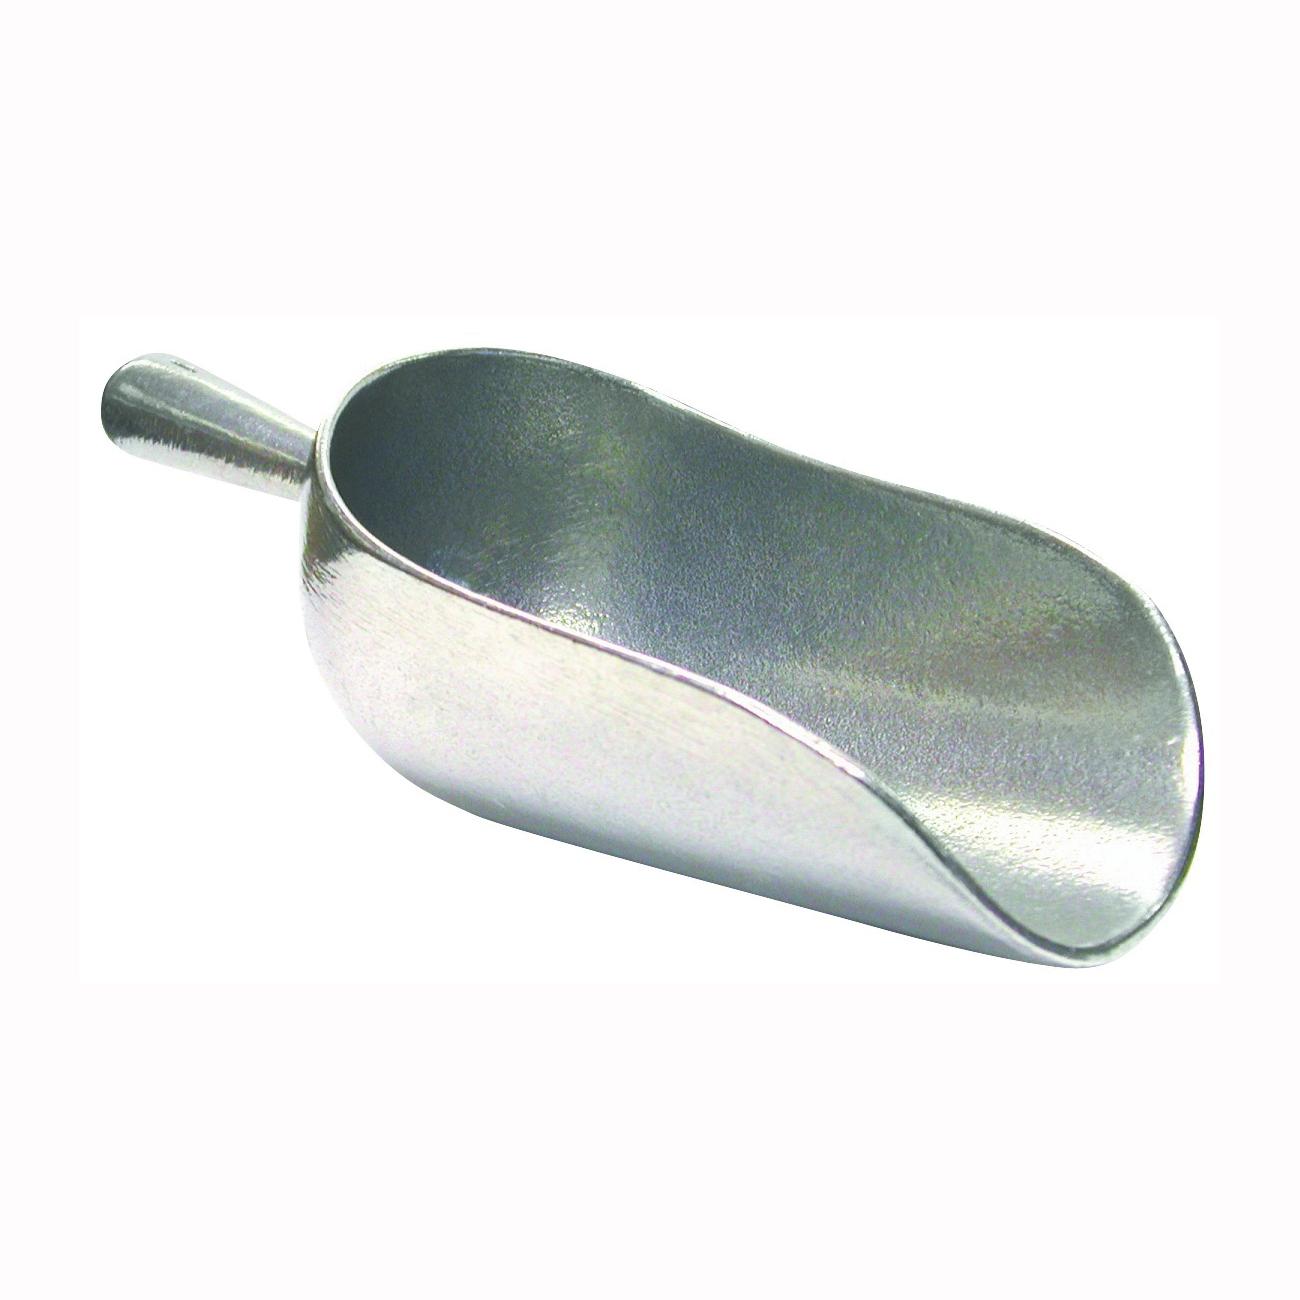 Picture of NORPRO 9000 Scoop, 7 in L, Aluminum